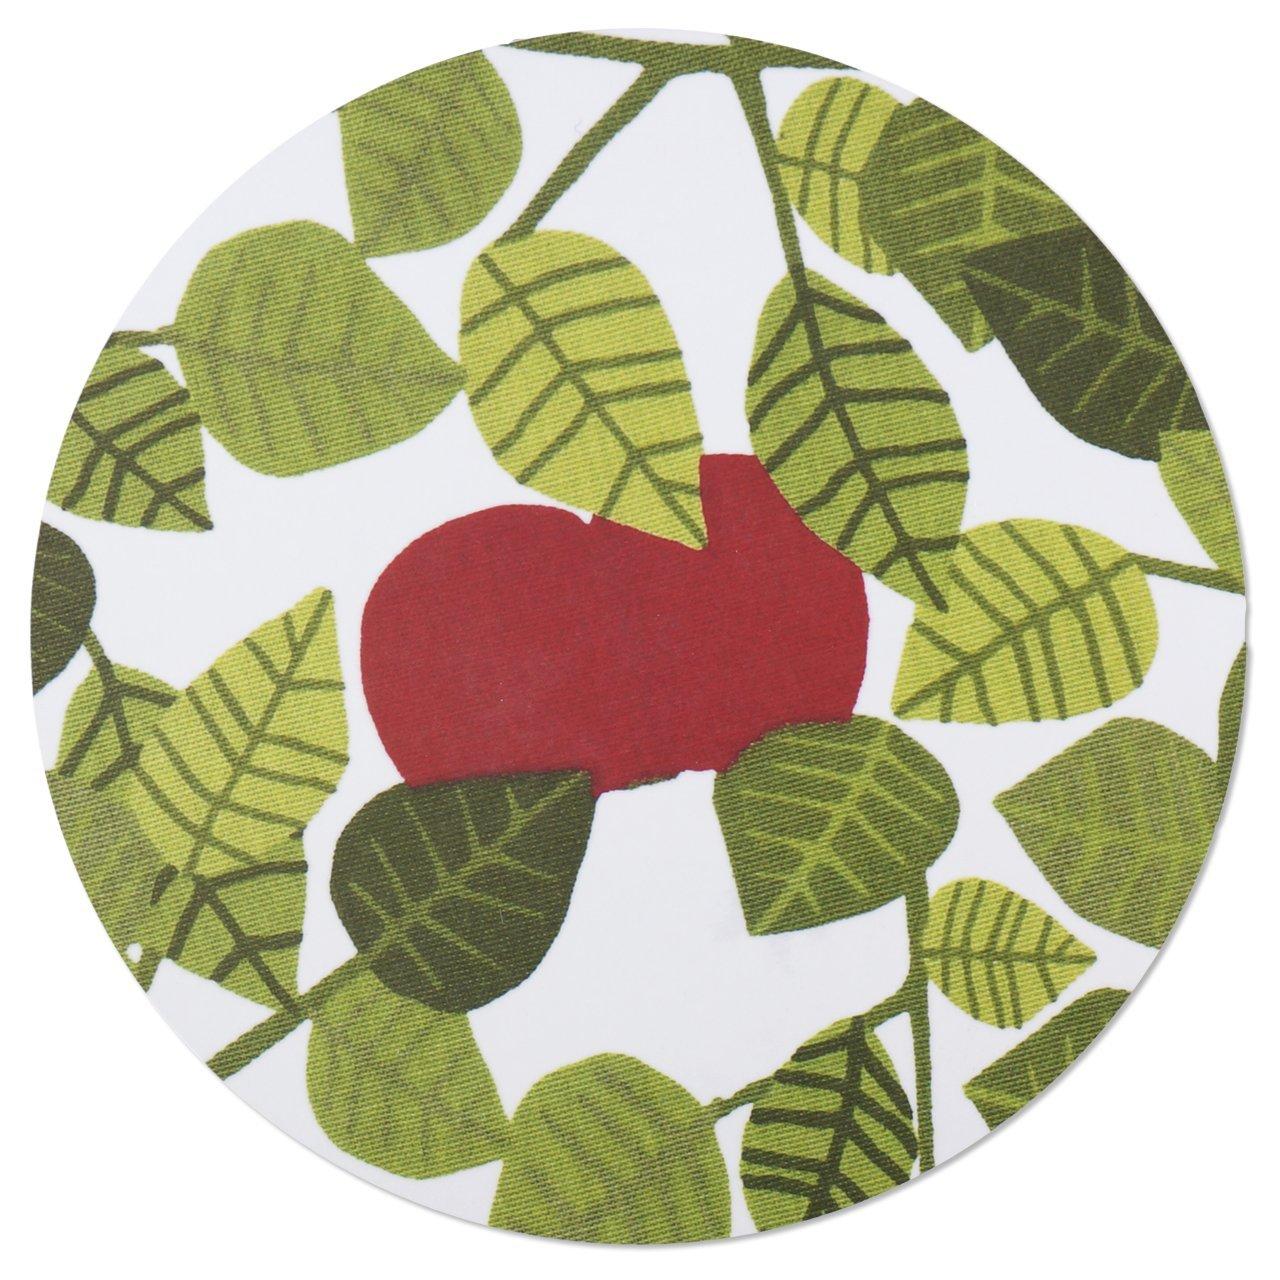 ポットスタンド Apple グリーン 直径21cm